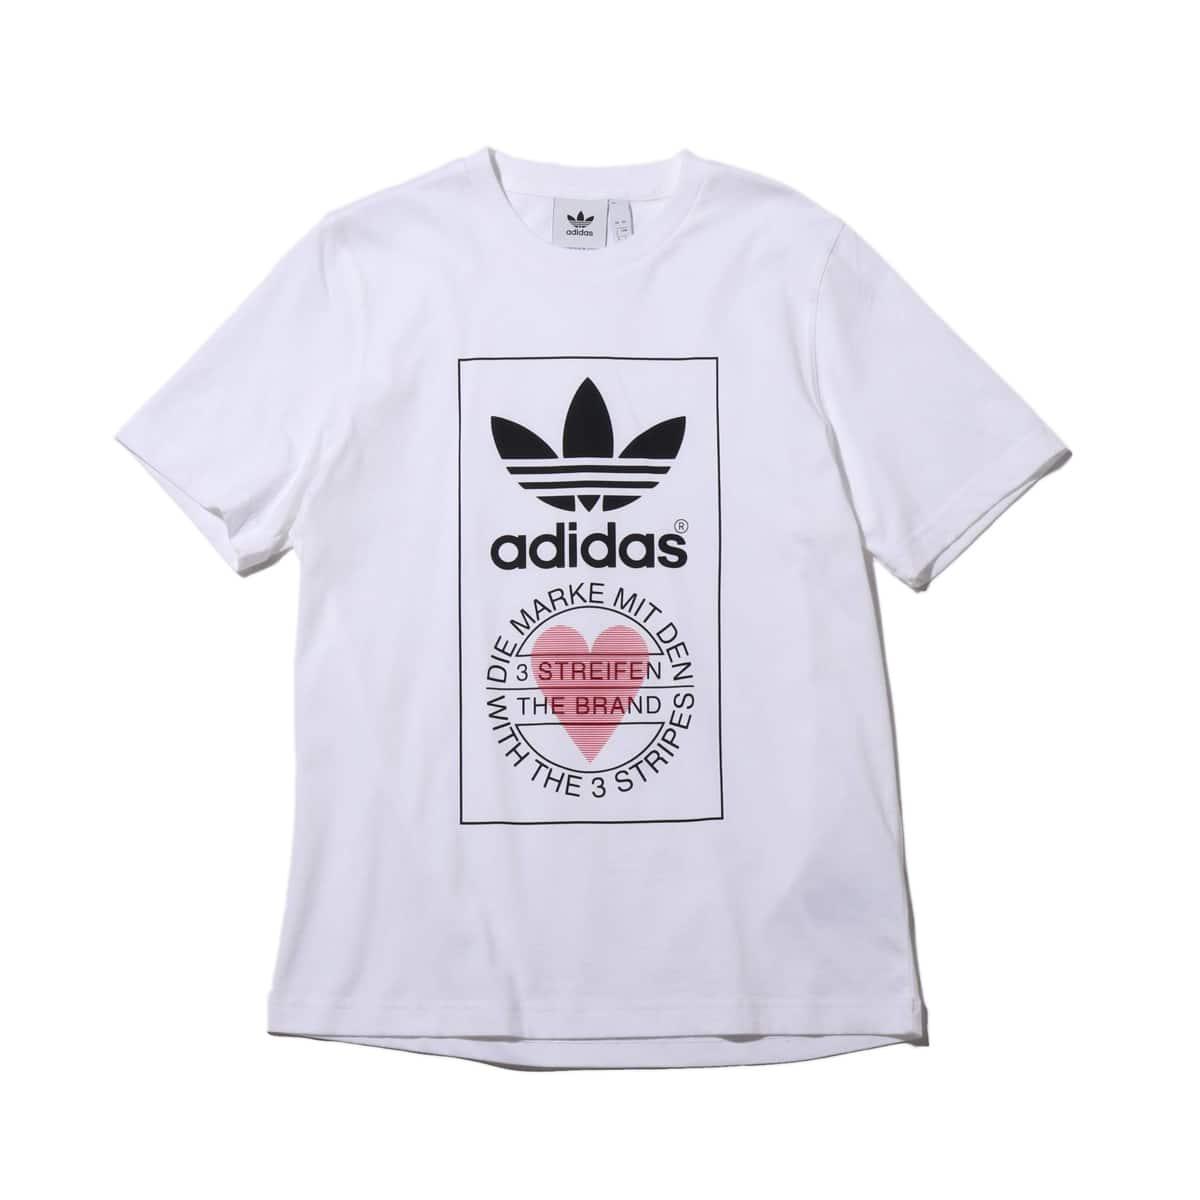 adidas UNISEX TEE WHITE 20SS-S_photo_large